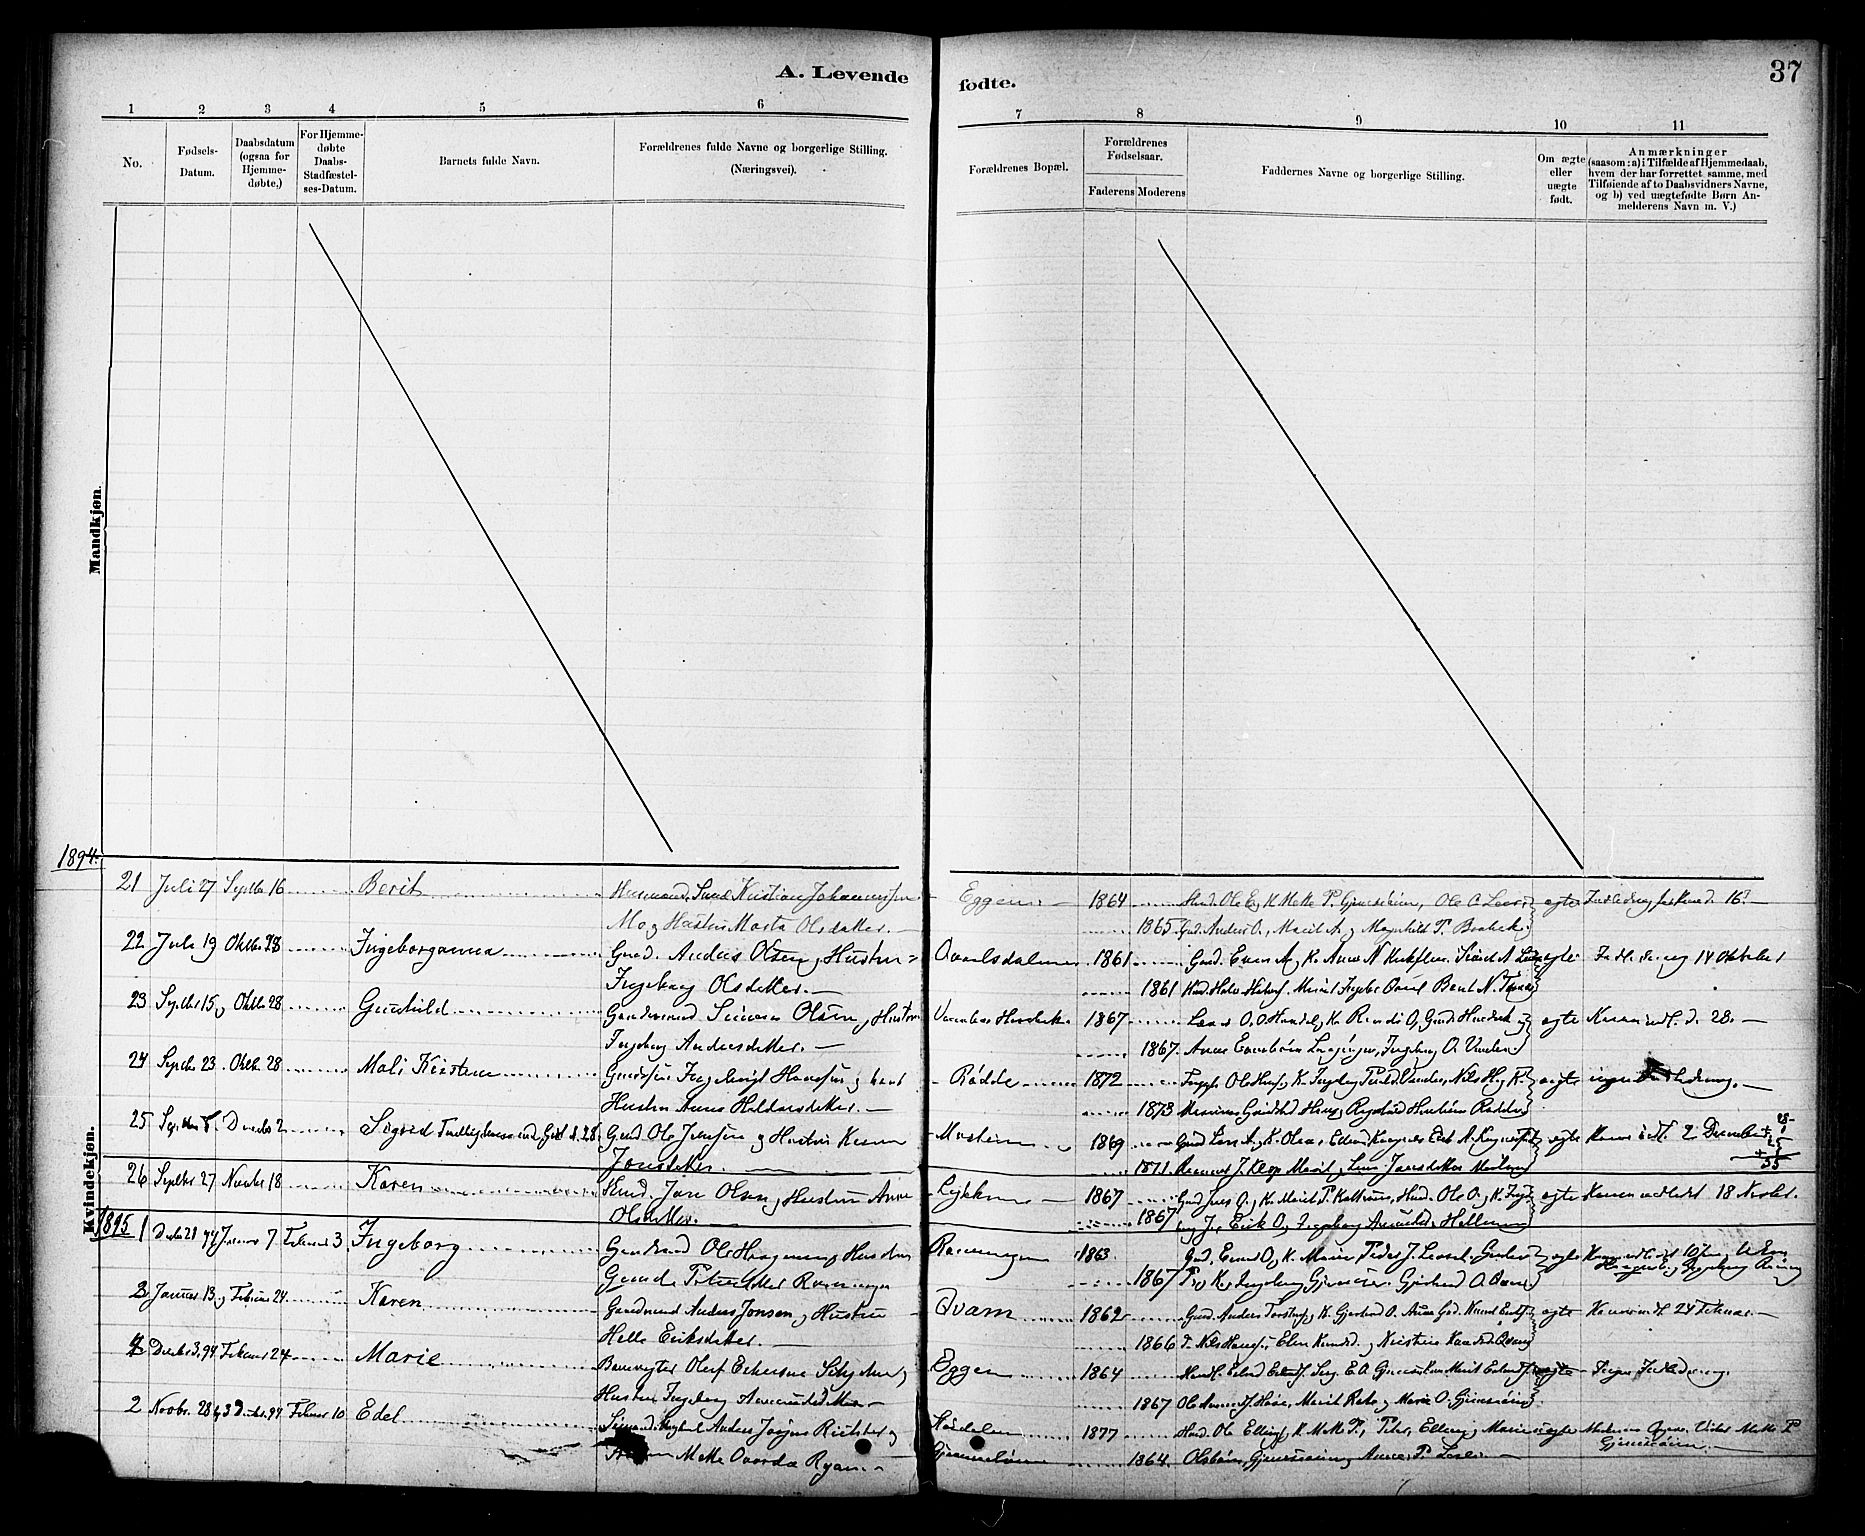 SAT, Ministerialprotokoller, klokkerbøker og fødselsregistre - Sør-Trøndelag, 691/L1094: Klokkerbok nr. 691C05, 1879-1911, s. 37